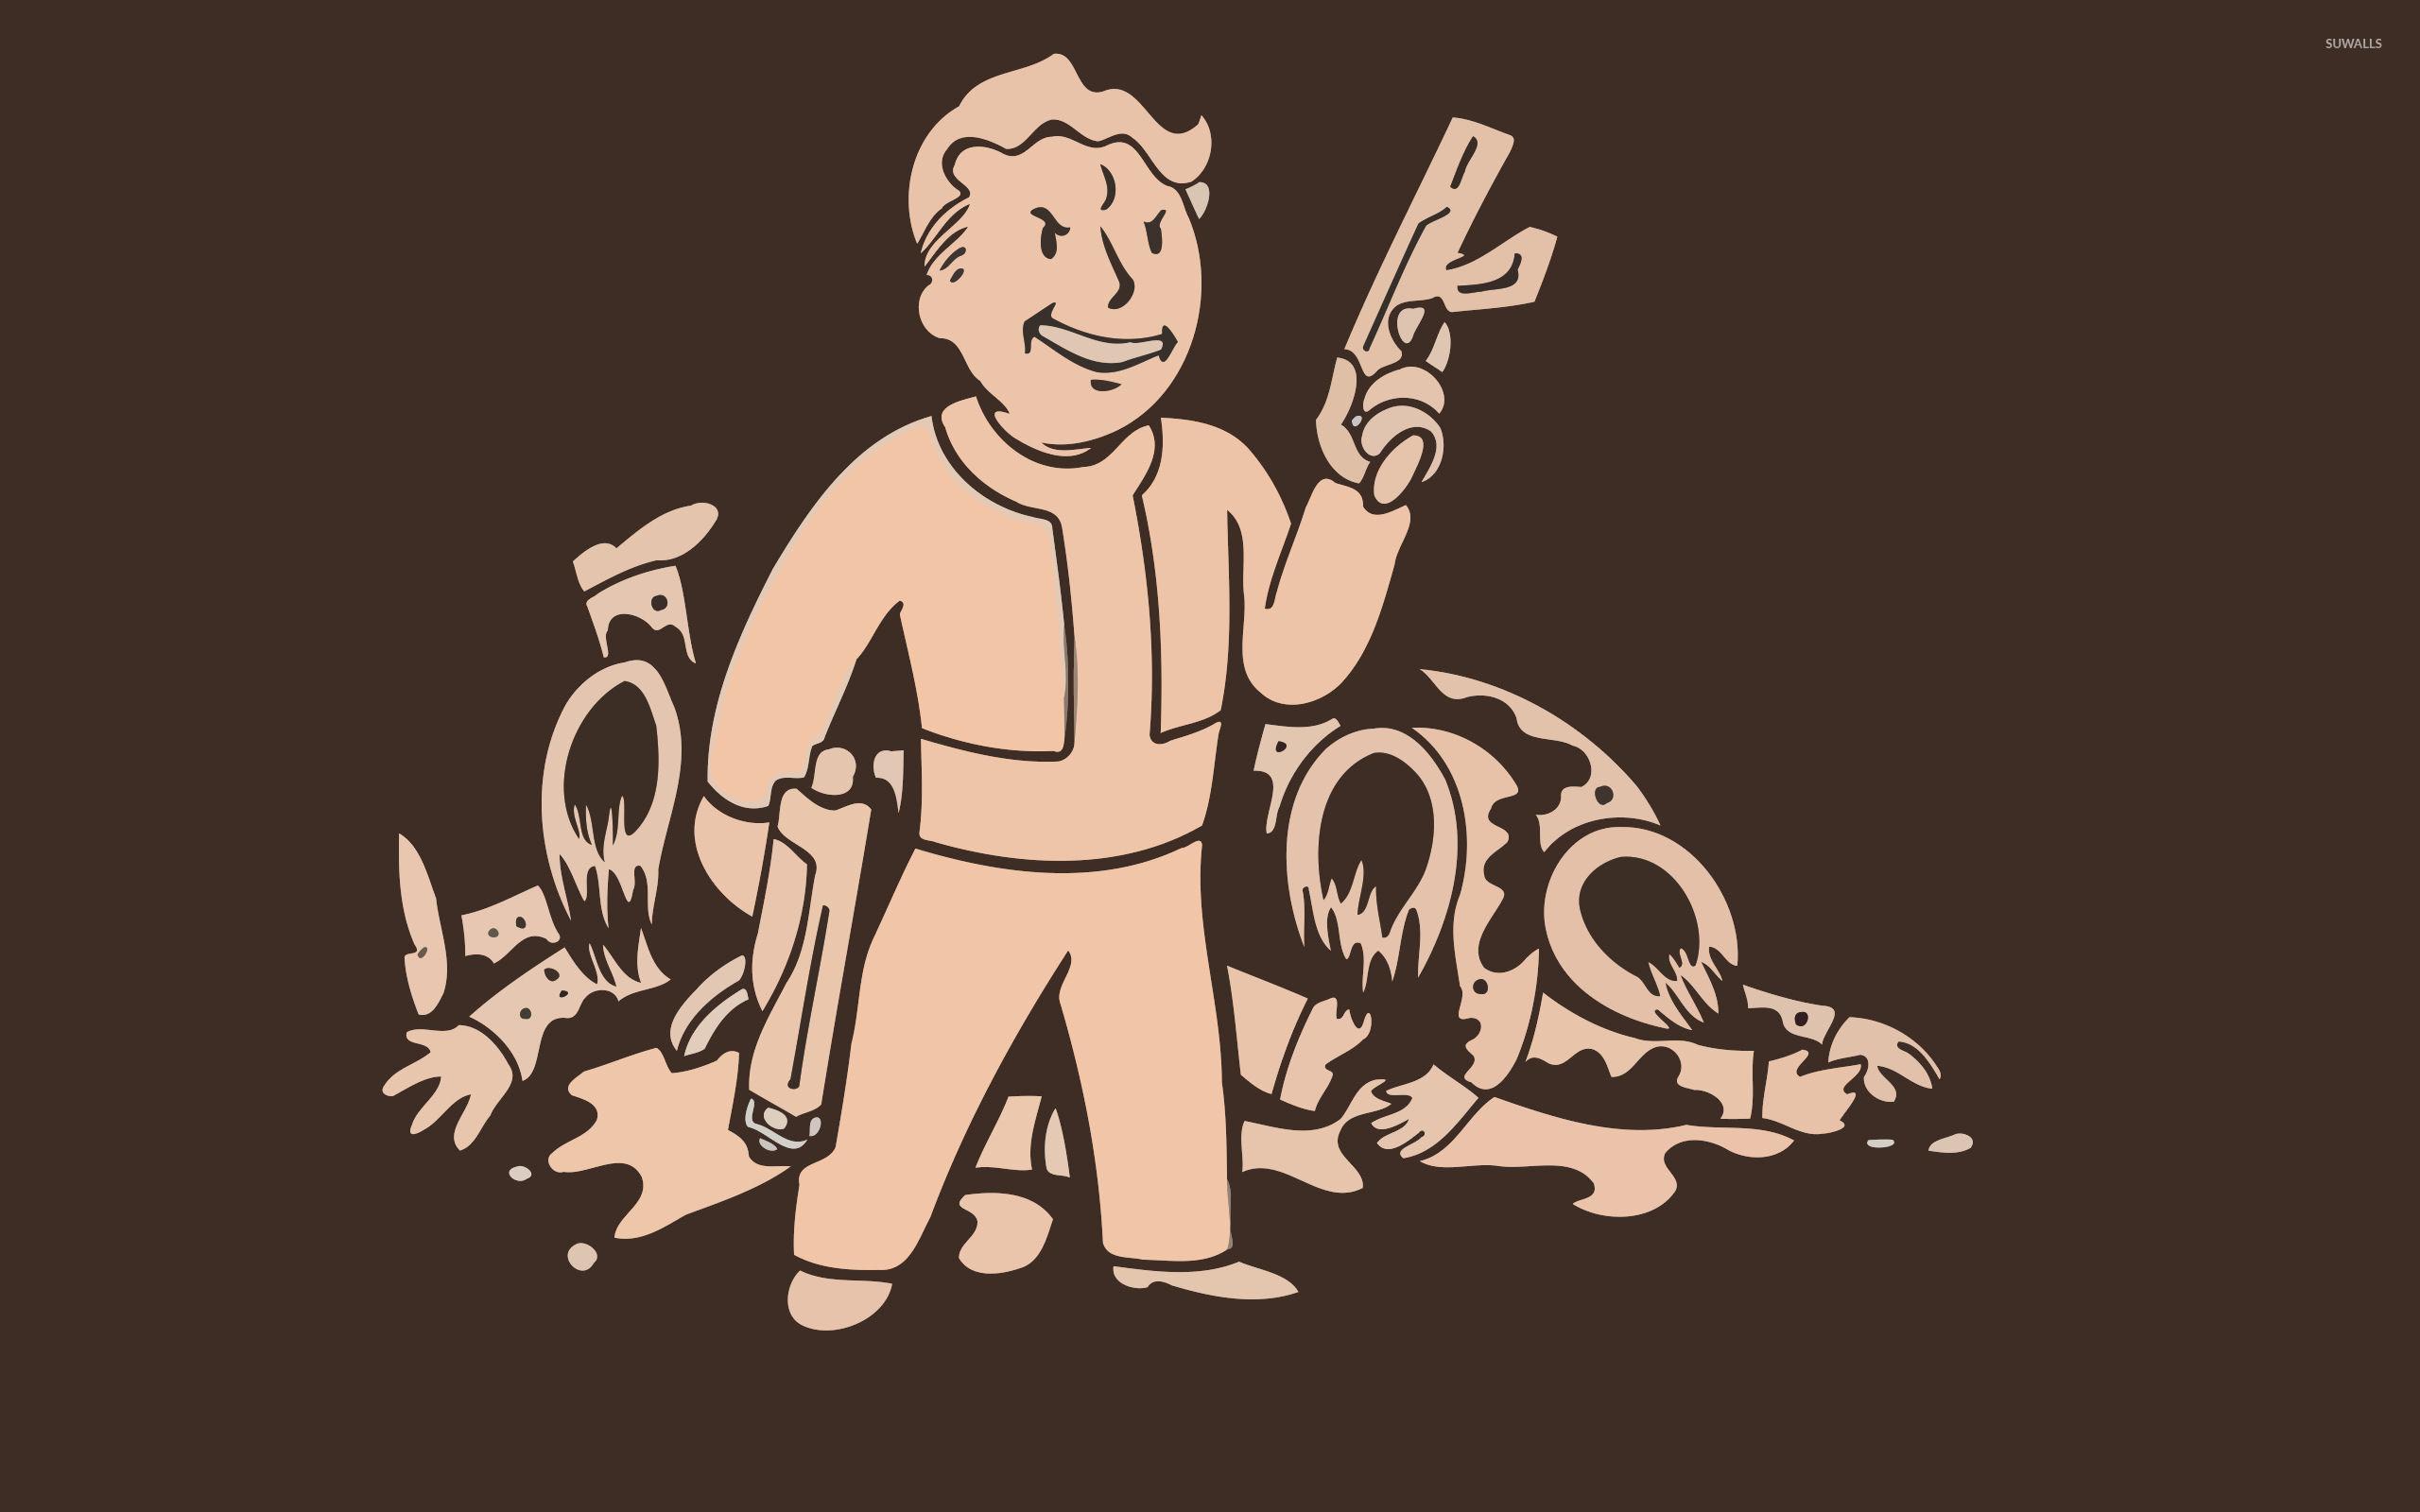 Vault Boy – Fallout [11] wallpaper jpg